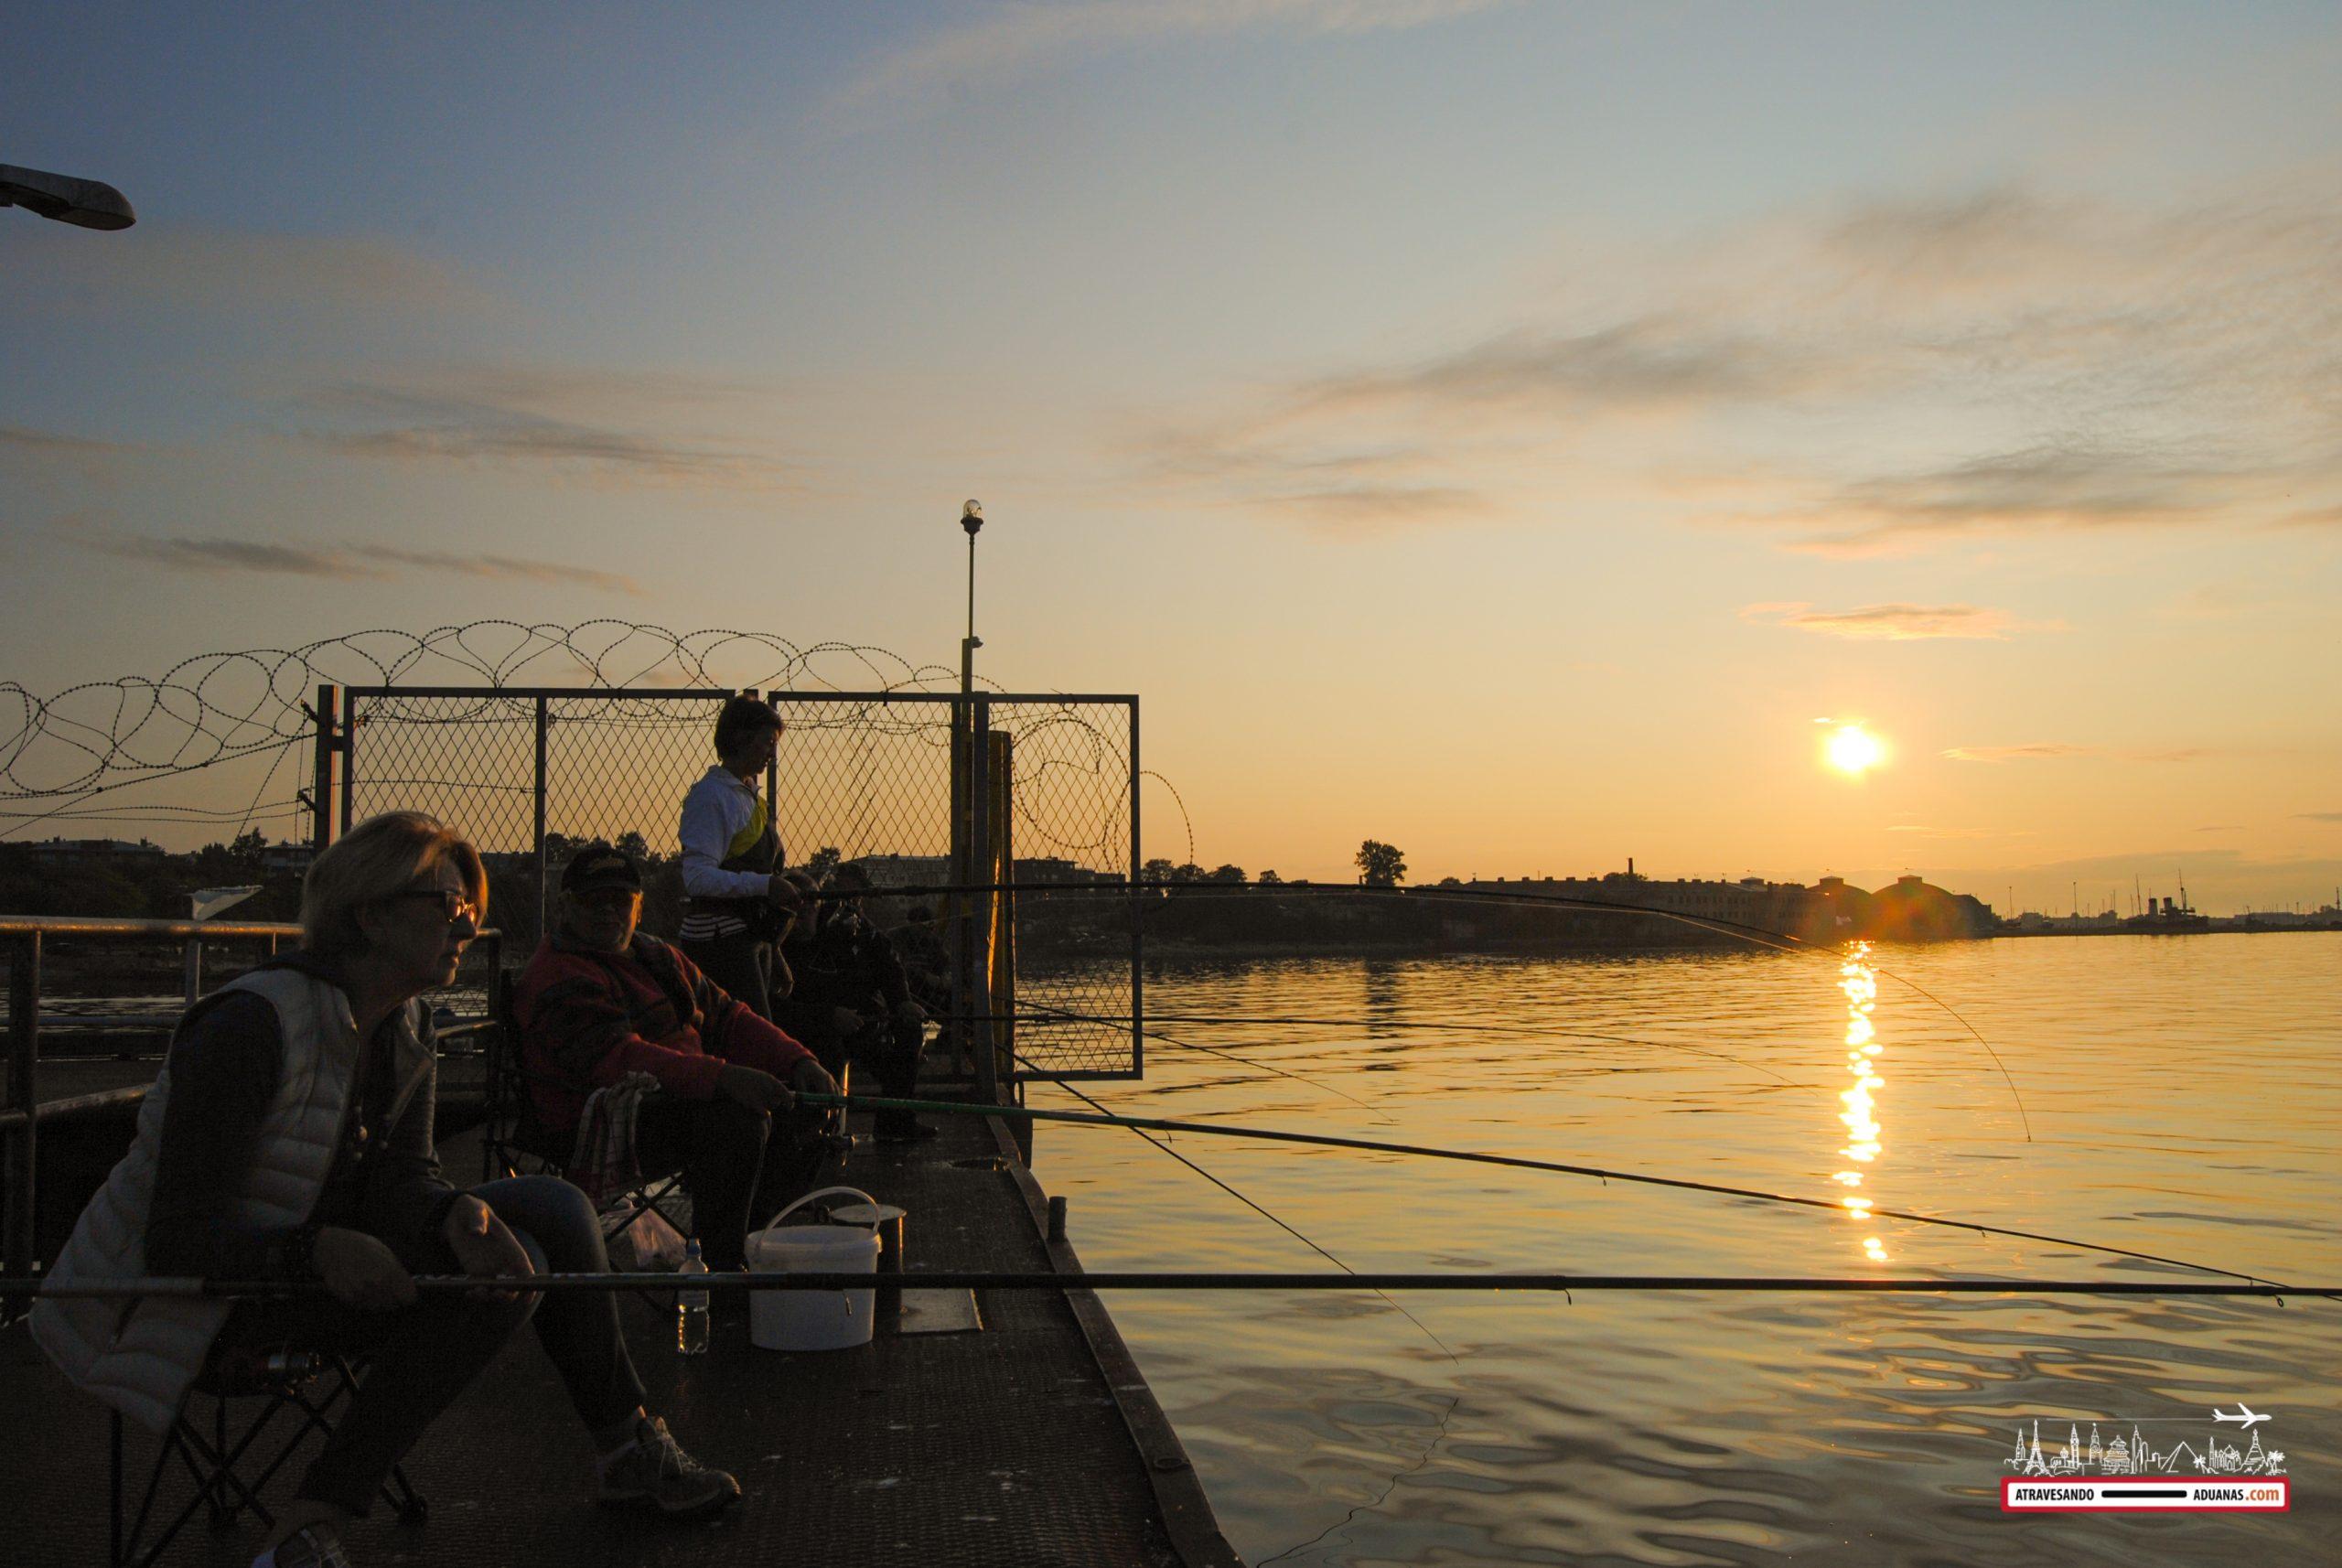 Pescadores al atardecer, Tallinn